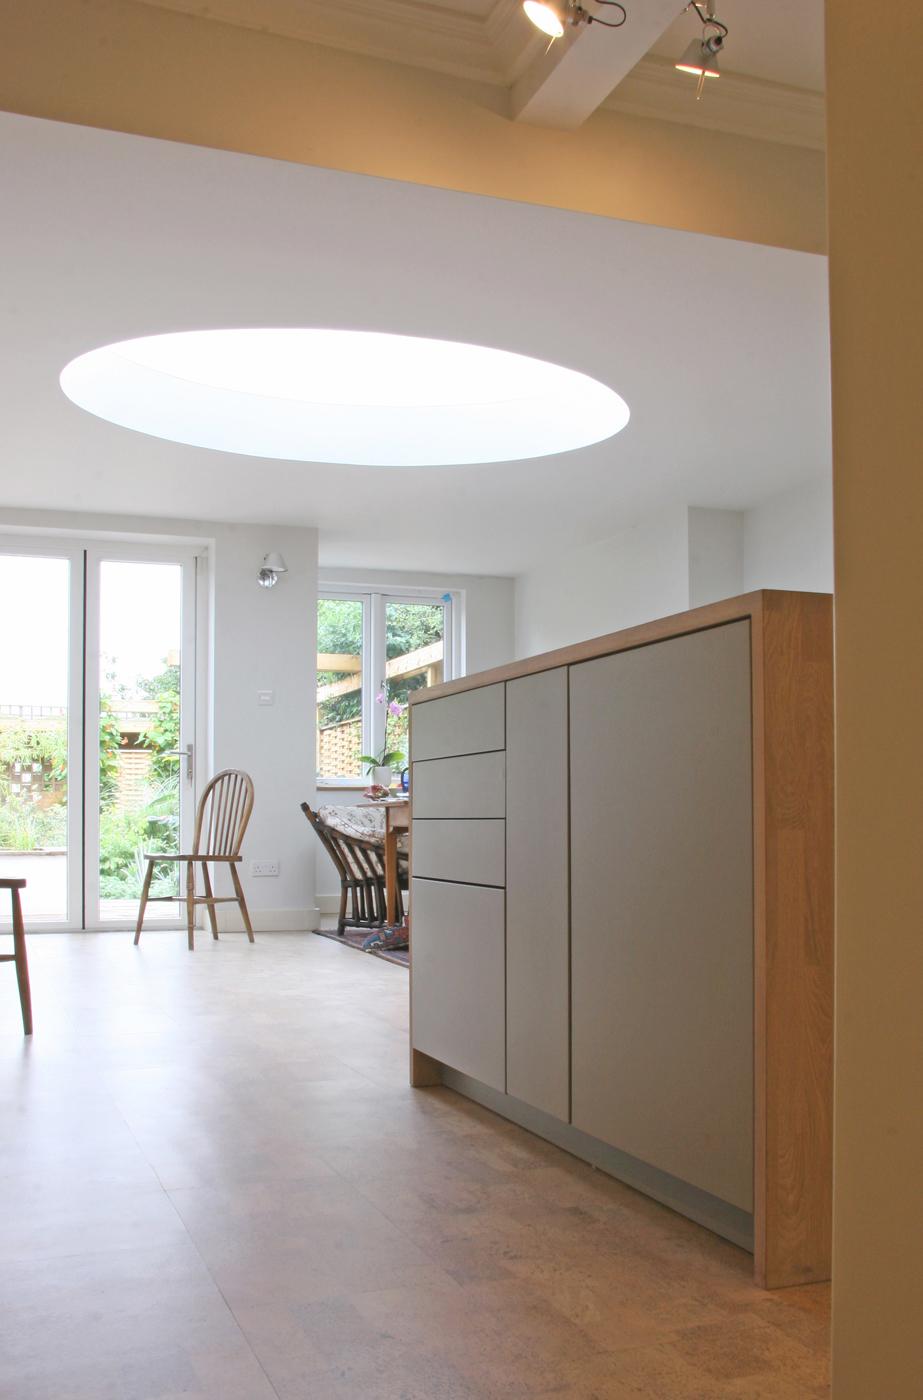 leicht_kitchen_extension_rogue_designs_architecture_oxford_5